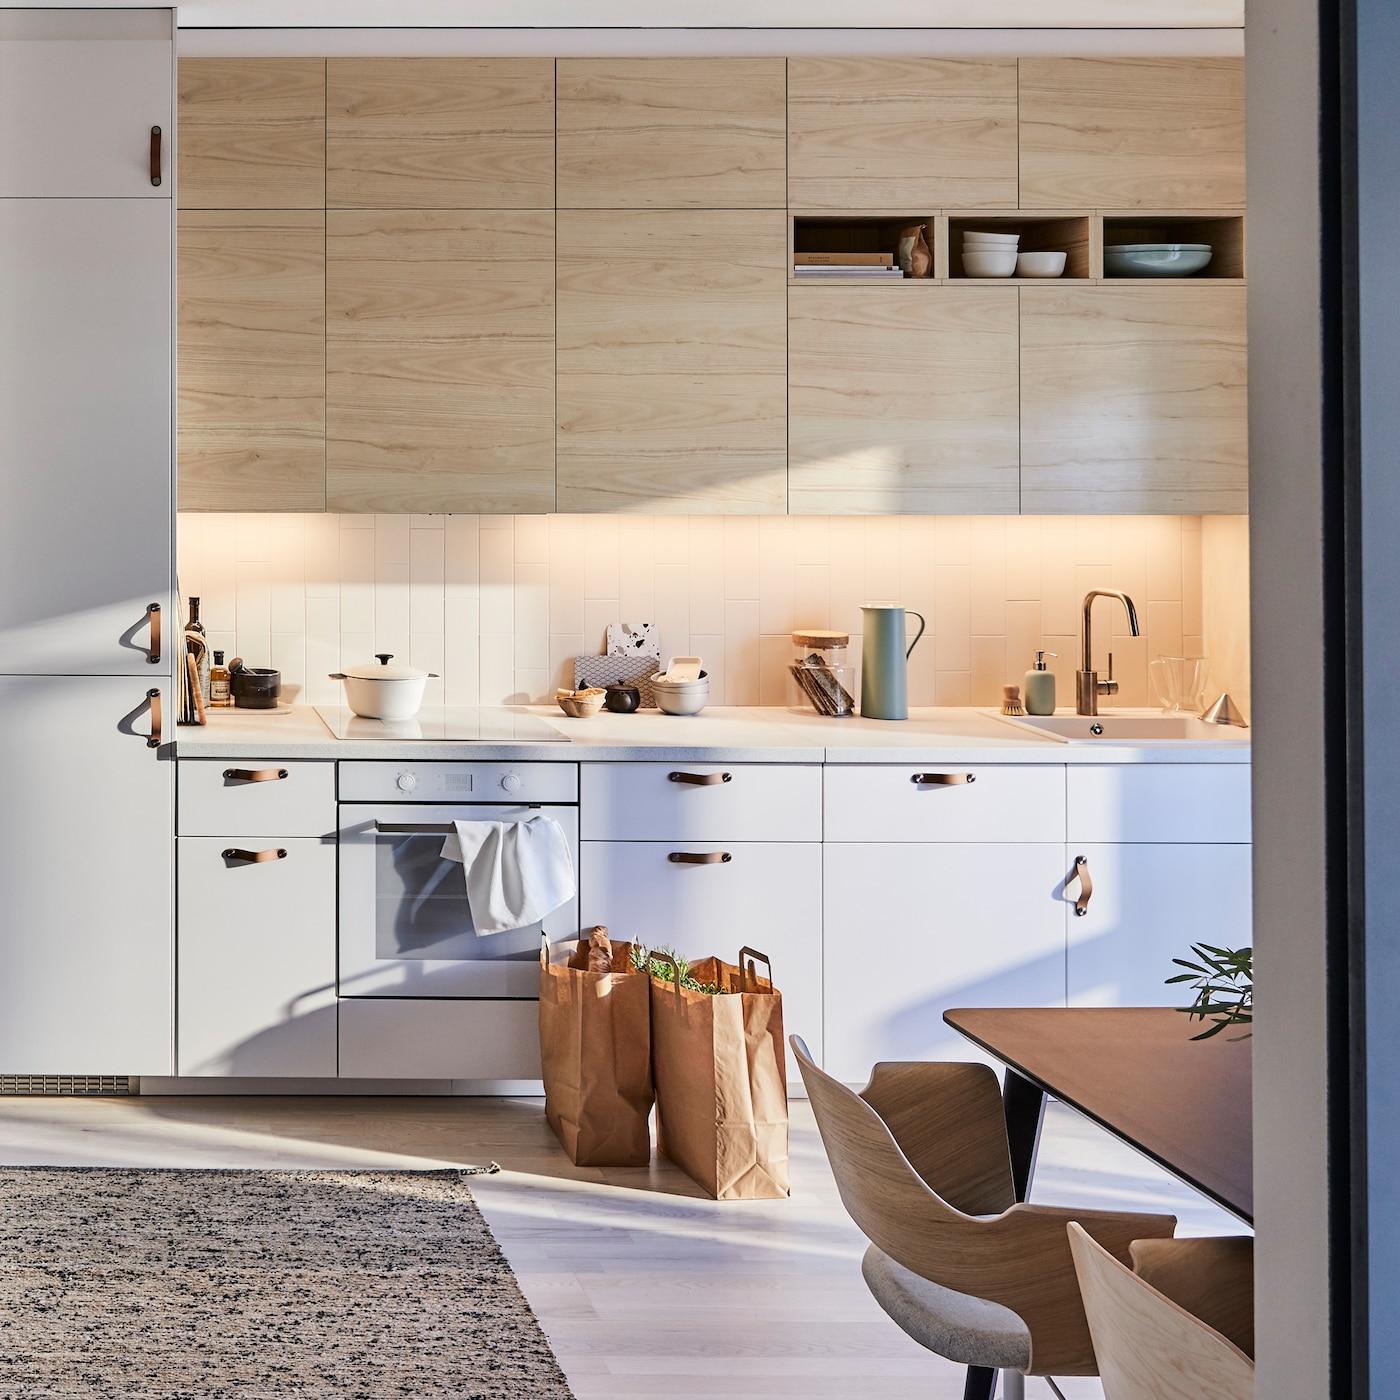 Zen-Küche: Erholungsfaktor beim Kochen - IKEA Deutschland